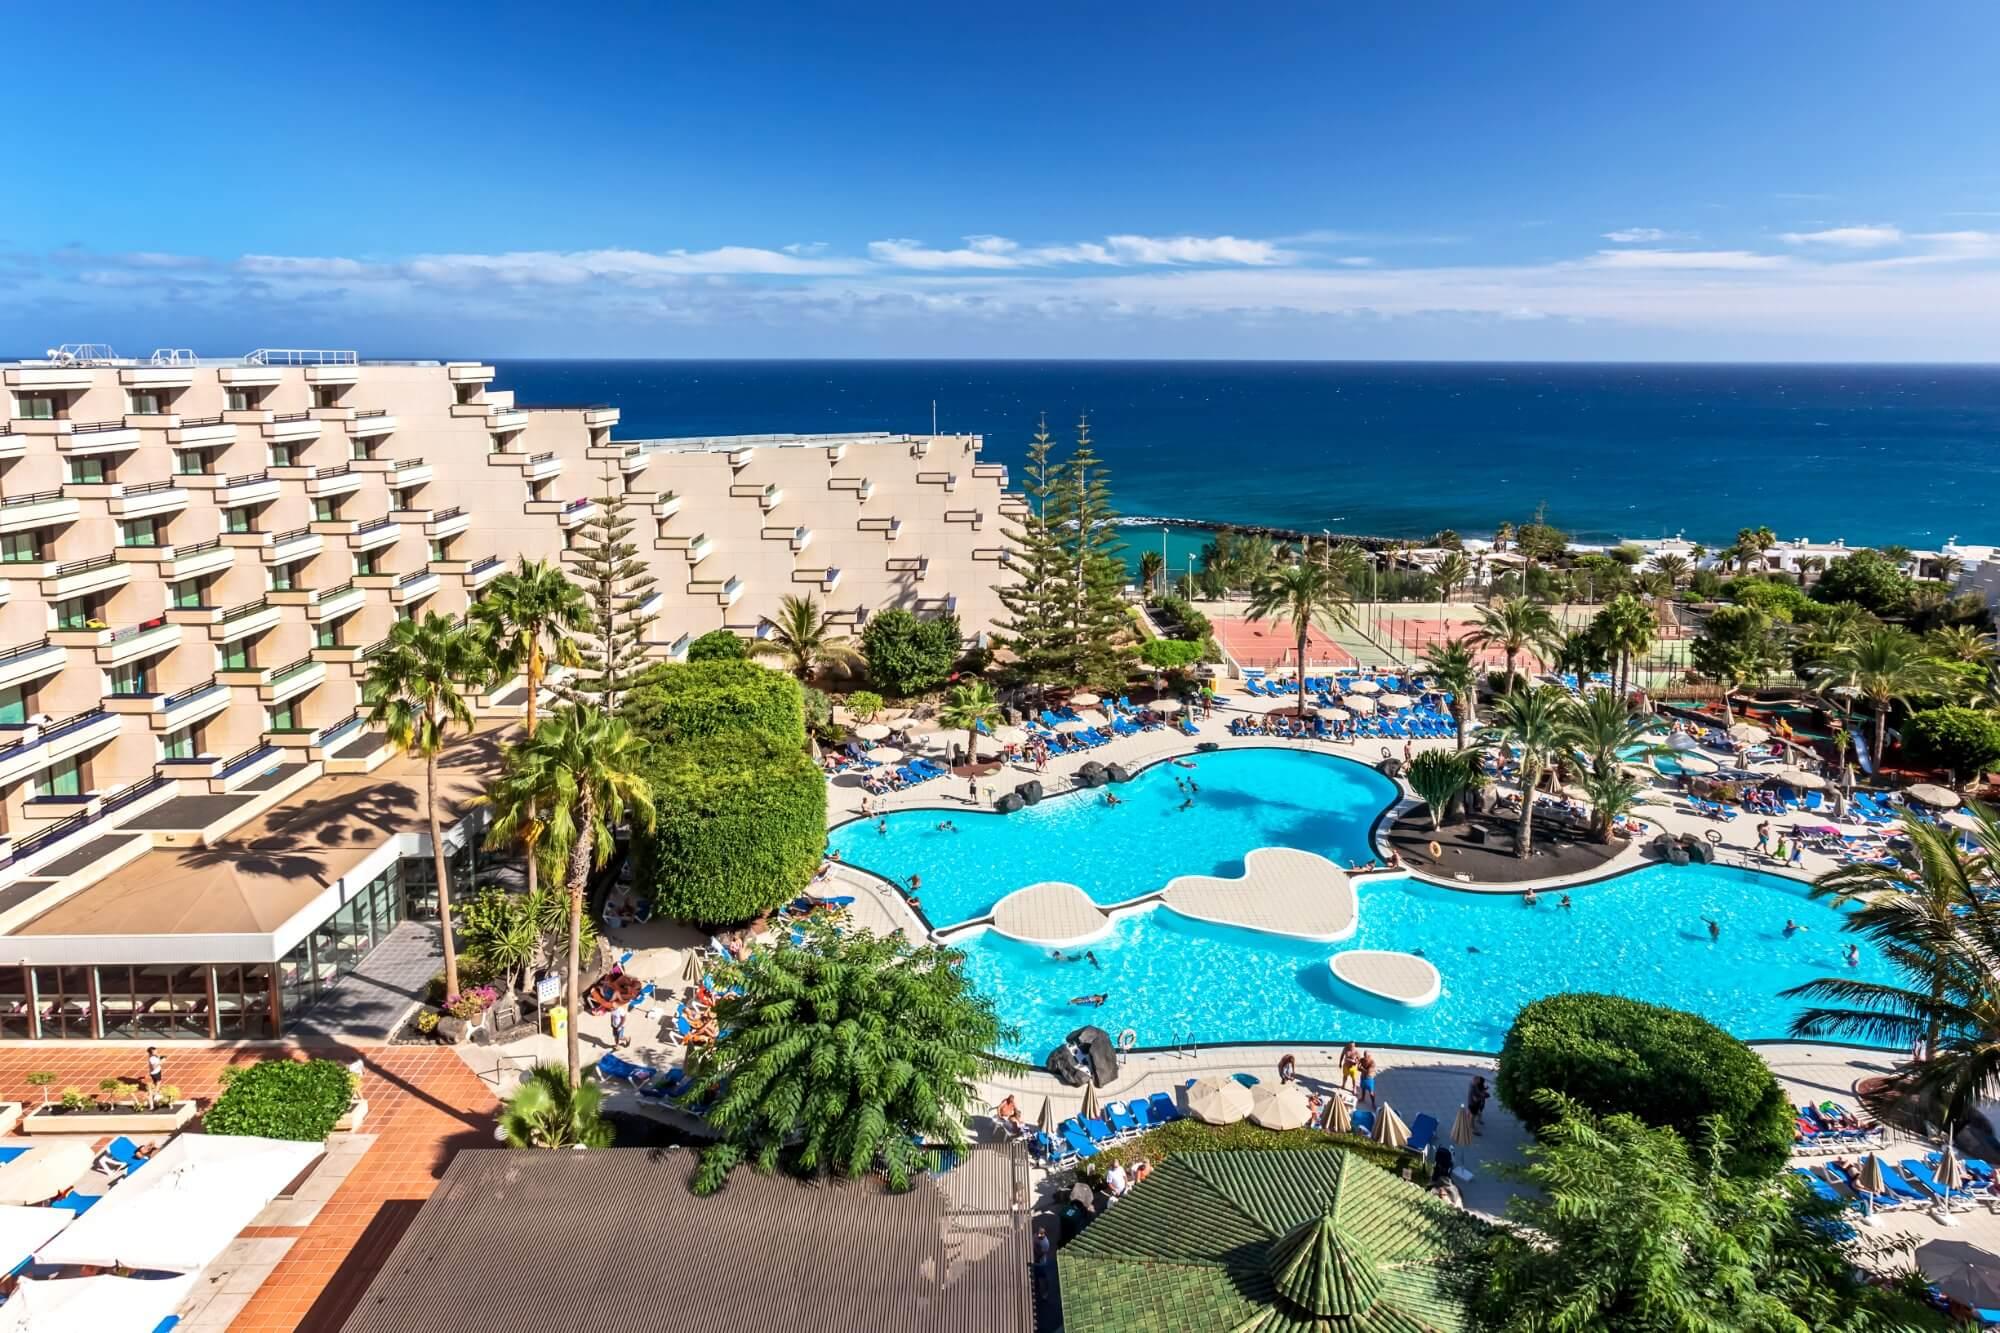 Hotel oasis de lanzarote central de ofertas - Ofertas lanzarote agosto ...